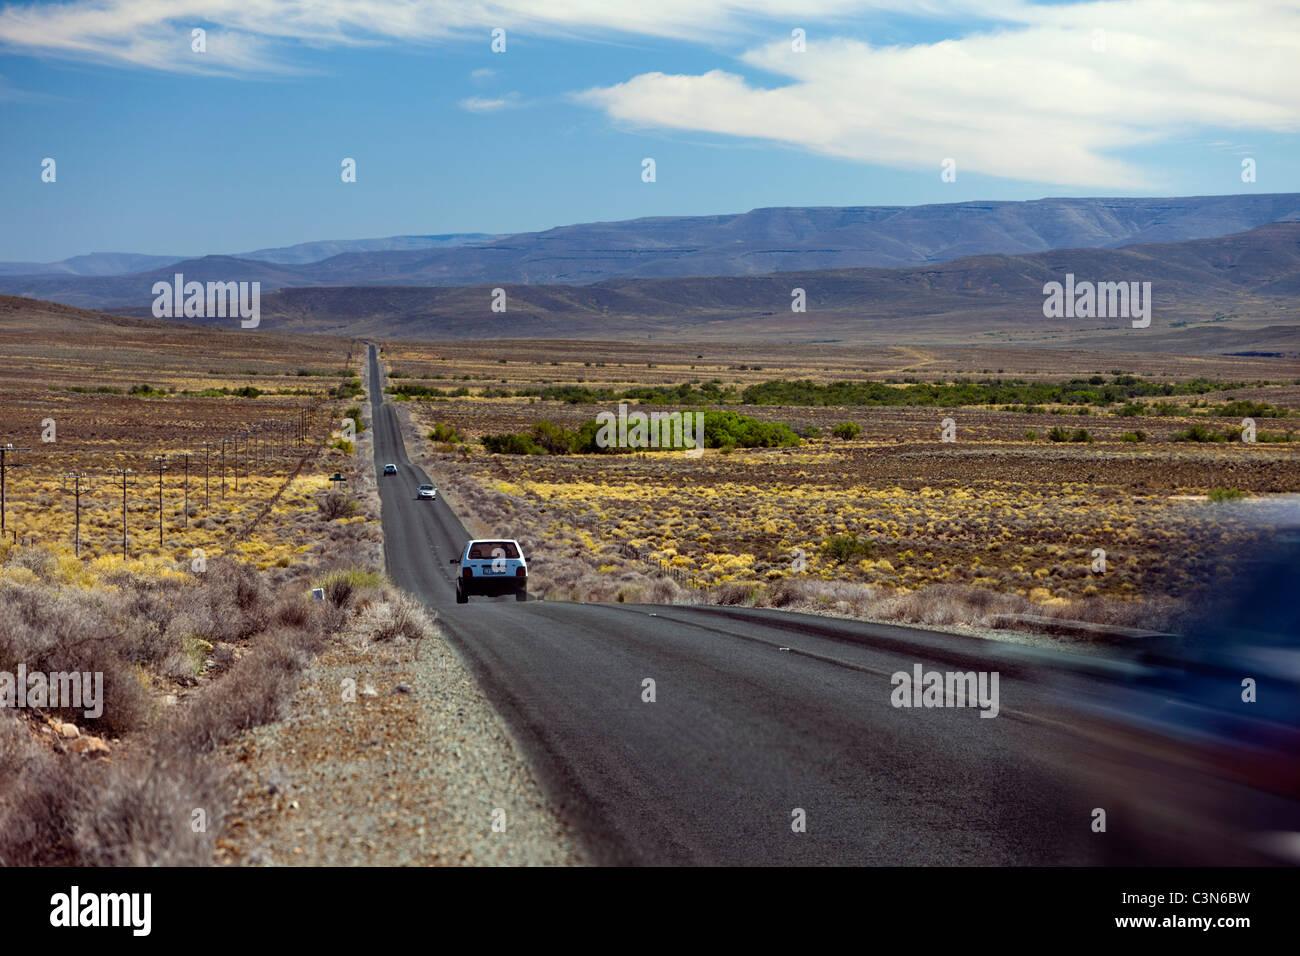 L'Afrique du Sud, Northern Cape, Sutherland, Route de Matjiesfontein. Photo Stock